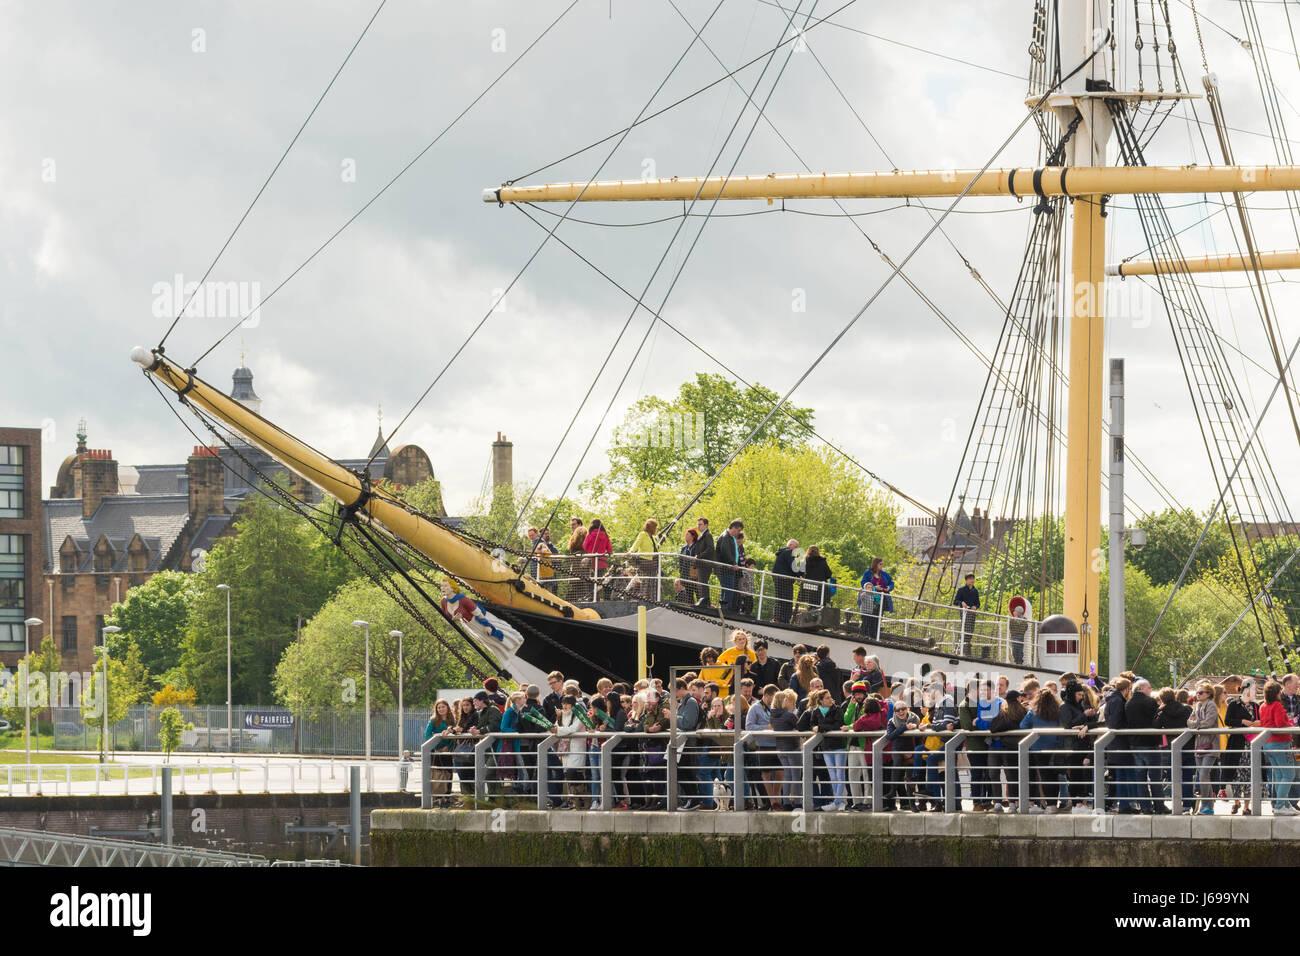 Großsegler, Riverside Museum, Glasgow, Schottland. 20. Mai 2017. UK-Wetter - strahlender Sonnenschein, Wolken Stockbild